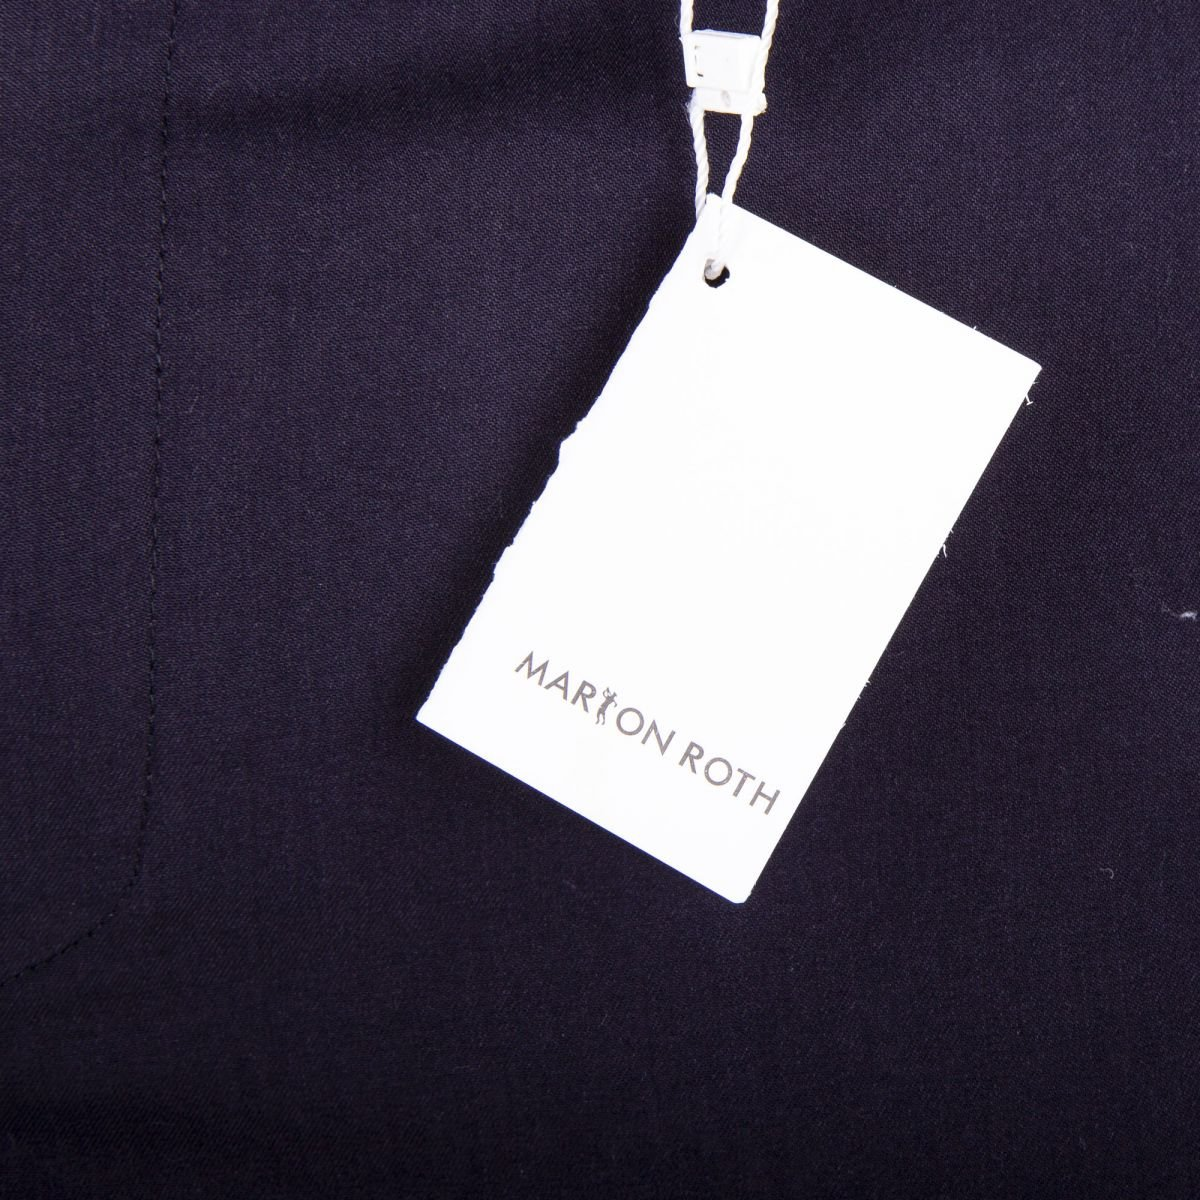 MARION ROTH Pantalon de Costume Bleu Marine Homme 44 Bleu Fonce  Amazon.fr   Vêtements et accessoires f08363c91cd